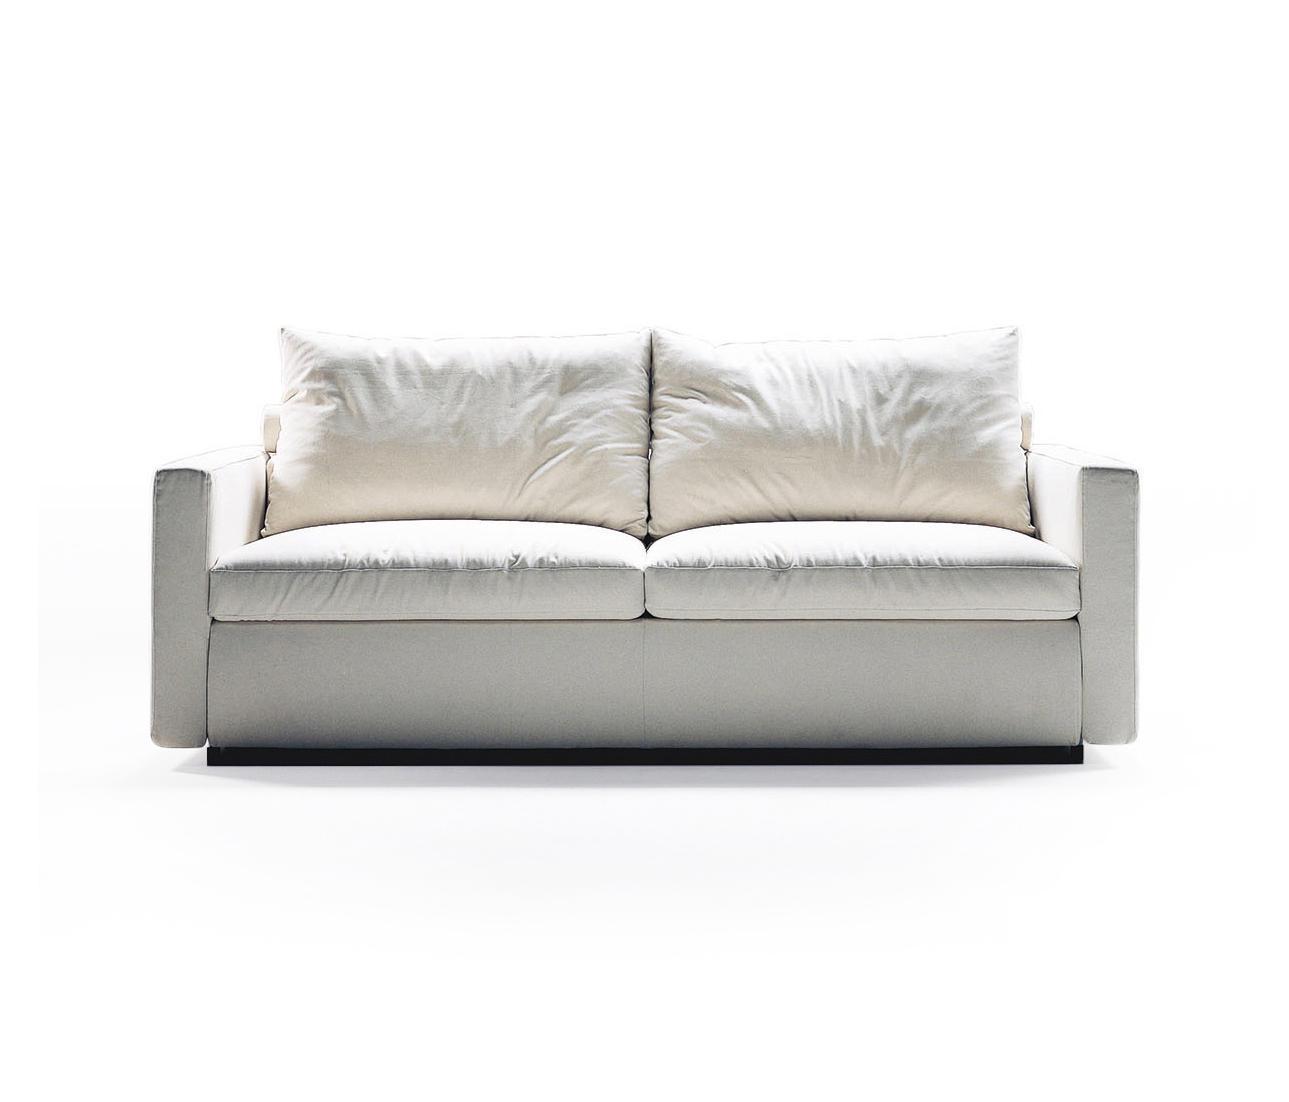 Divani letto minotti la base in alluminio verniciata for Divano letto low cost